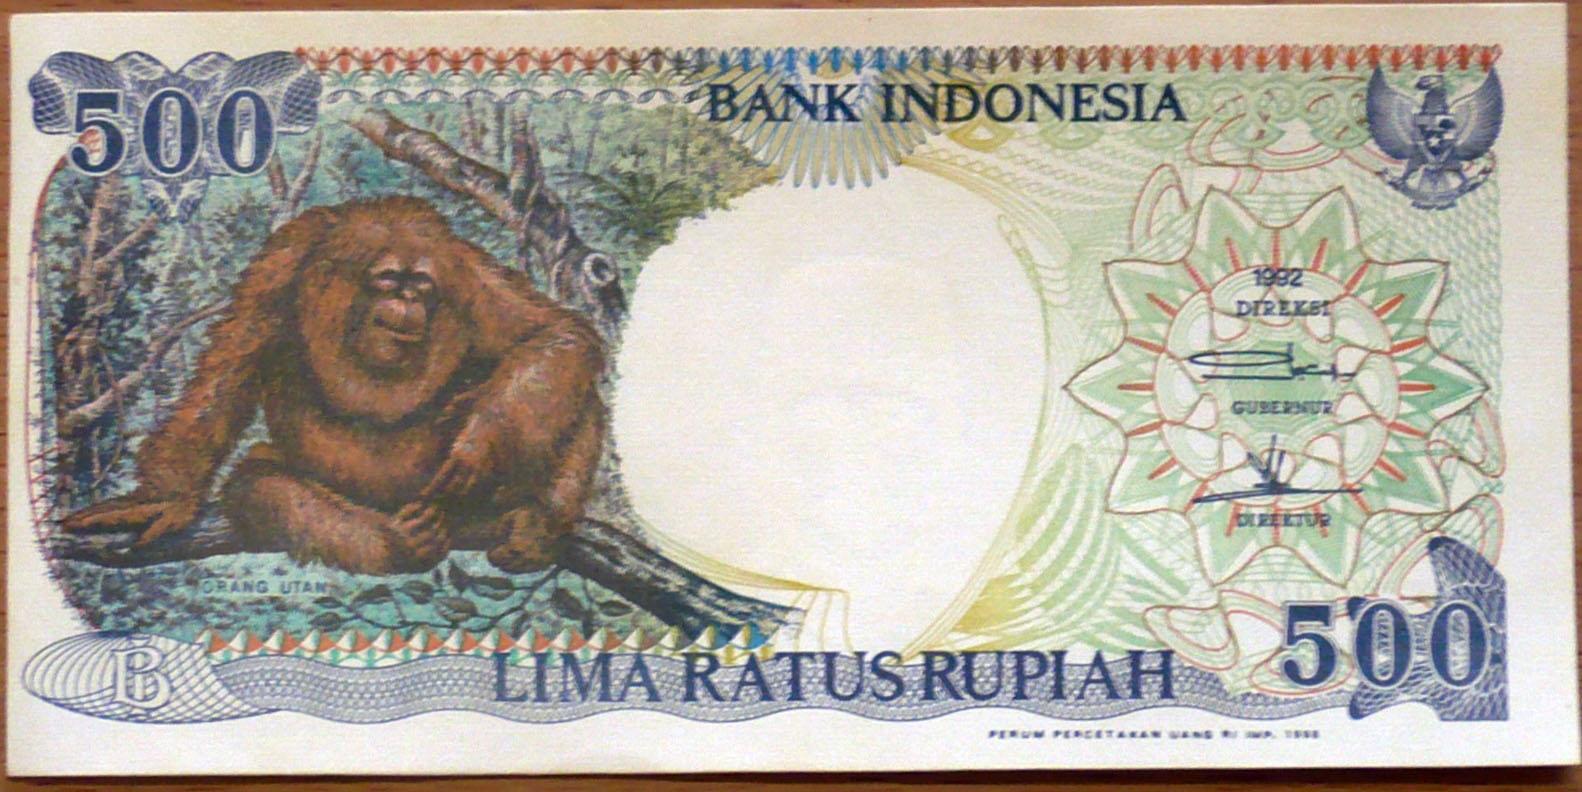 Mengintip Perubahan Bentuk Uang Indonesia Dari Tahun Ke T Fyi 100 Rupiah Burung Dara 500 Monyet